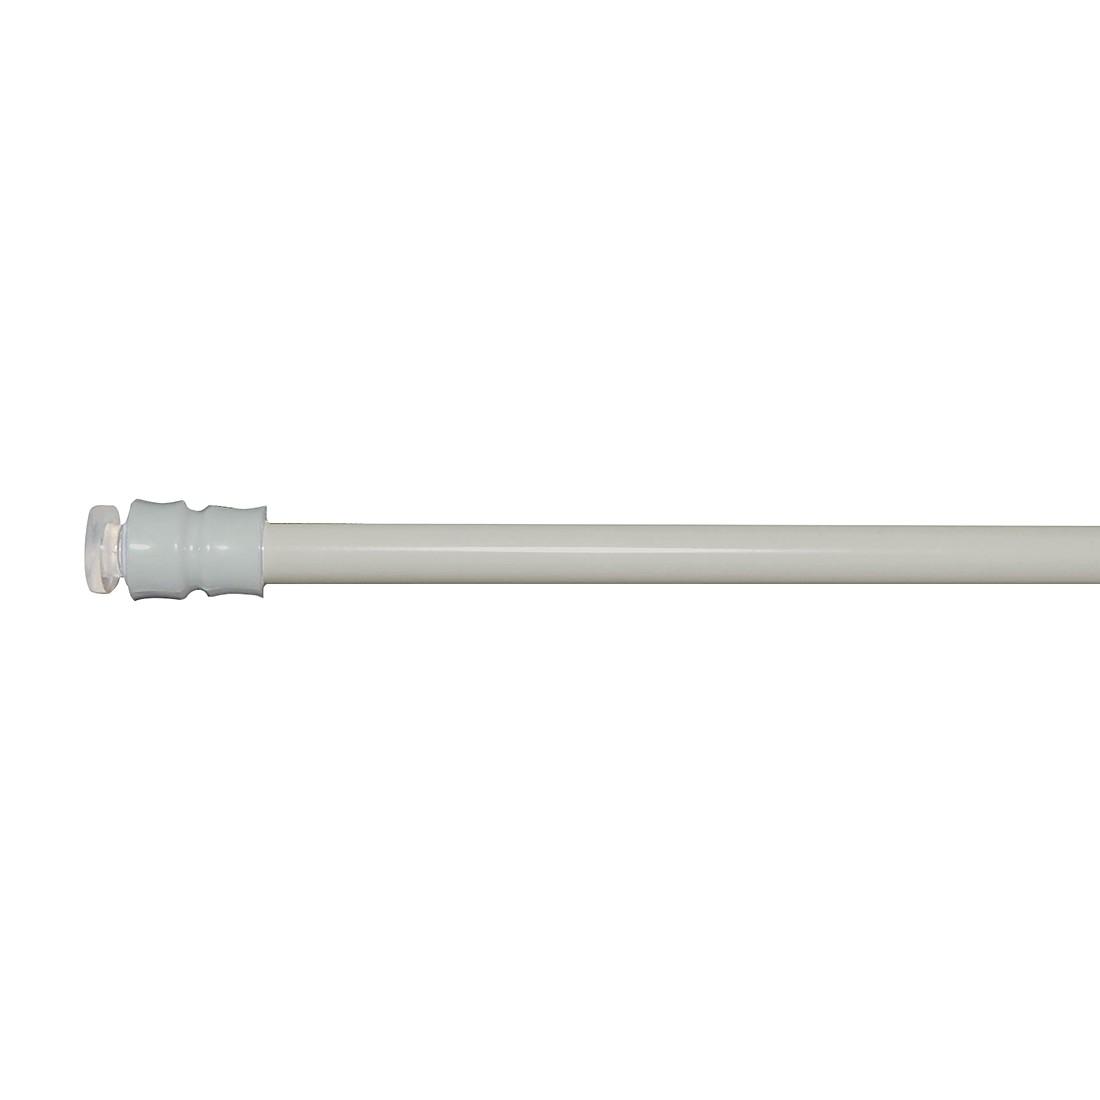 Klemmstange Fix (ausdrehbar) – Silber – 80 – 120 cm (ausziehbar), indeko günstig